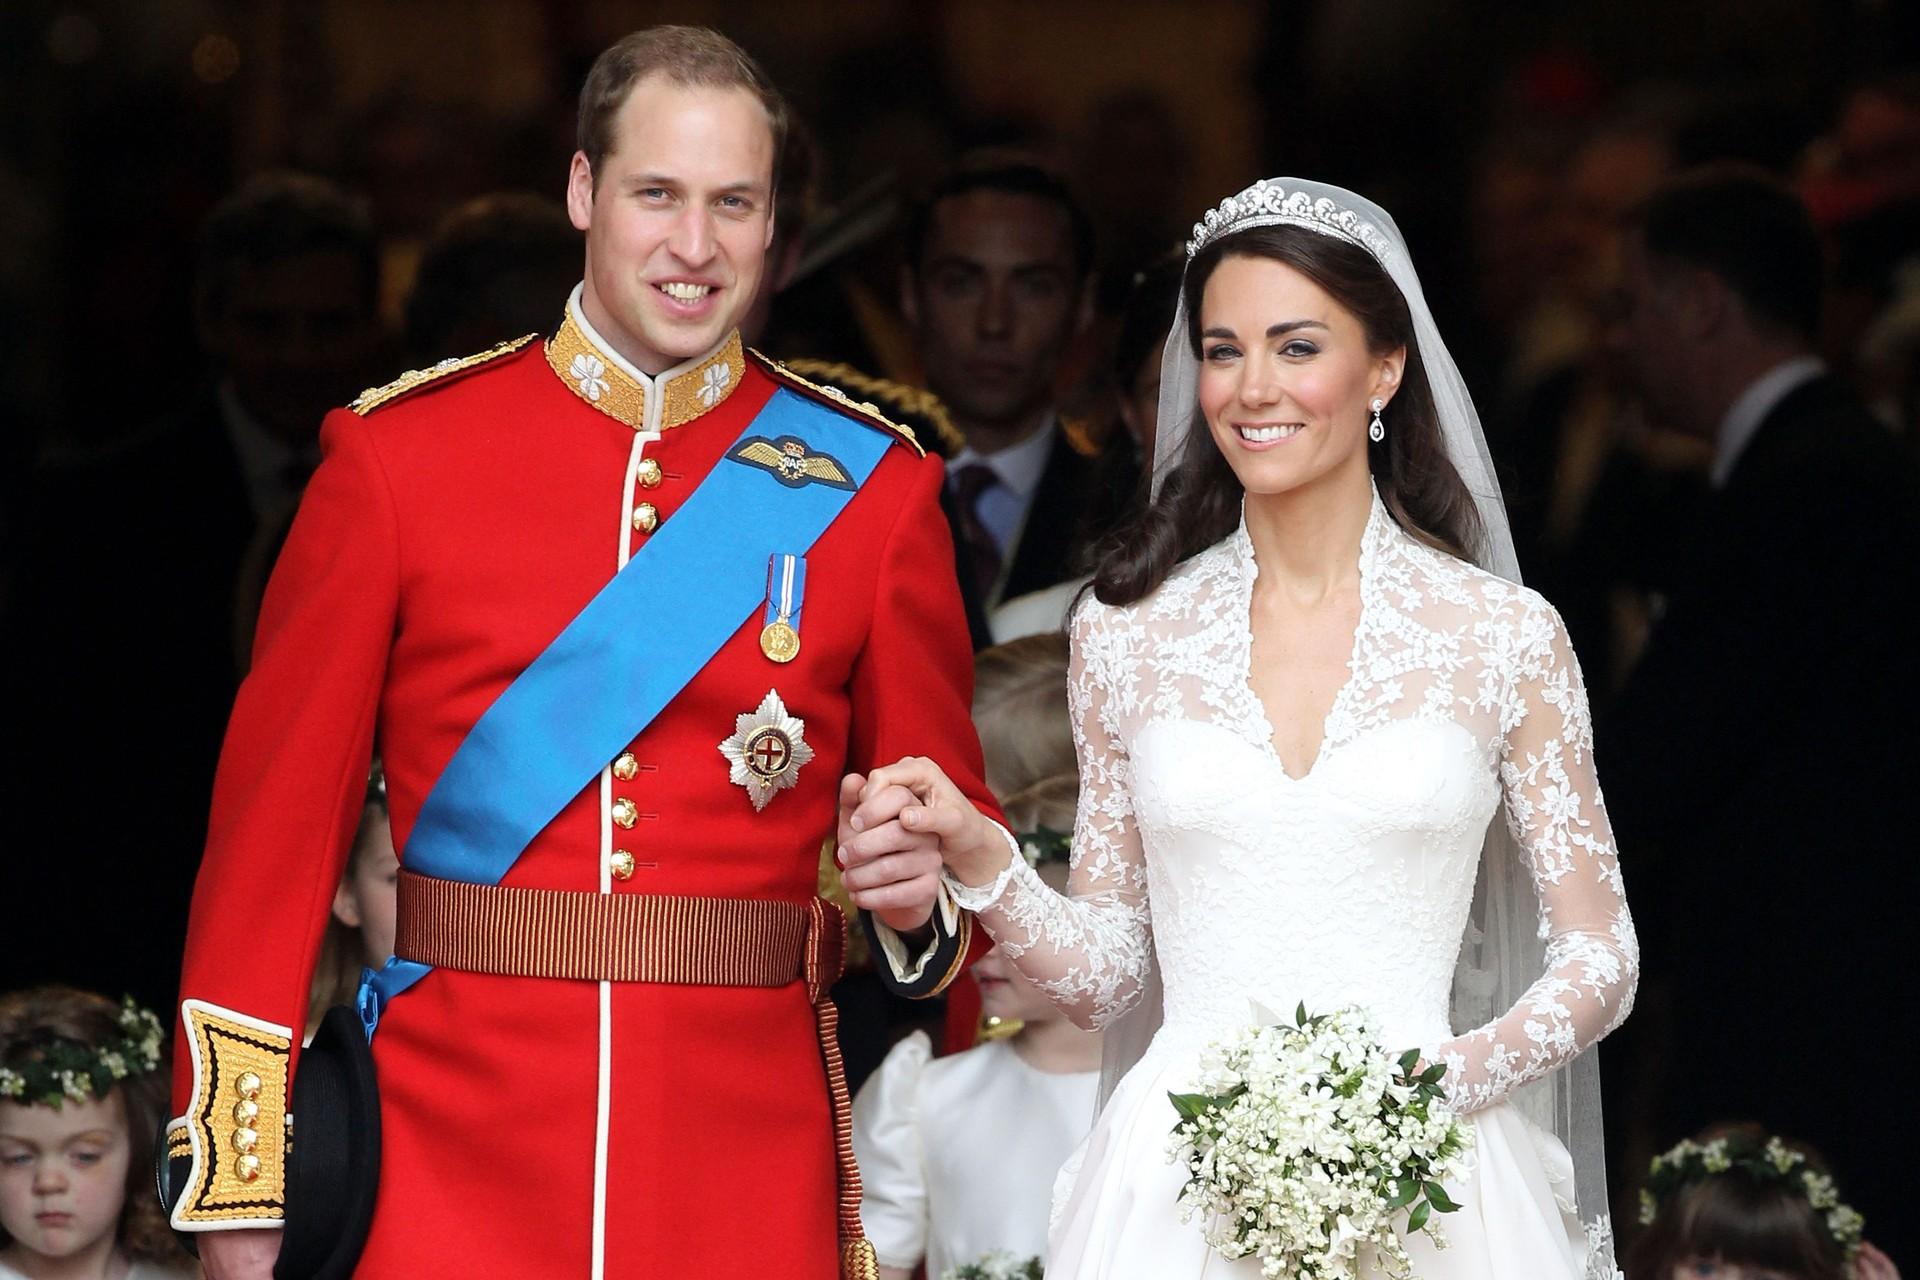 Mas é óbvio que ninguém superaria o casamento real. A aguardada e televisionada cerimônia de casamento do Príncipe William com Kate Middleton custou cerca de 75 milhões de reais. Só o vestido de Kate custou 155 mil e as flores da decoração 1,7 milhão (Foto: Getty Images)